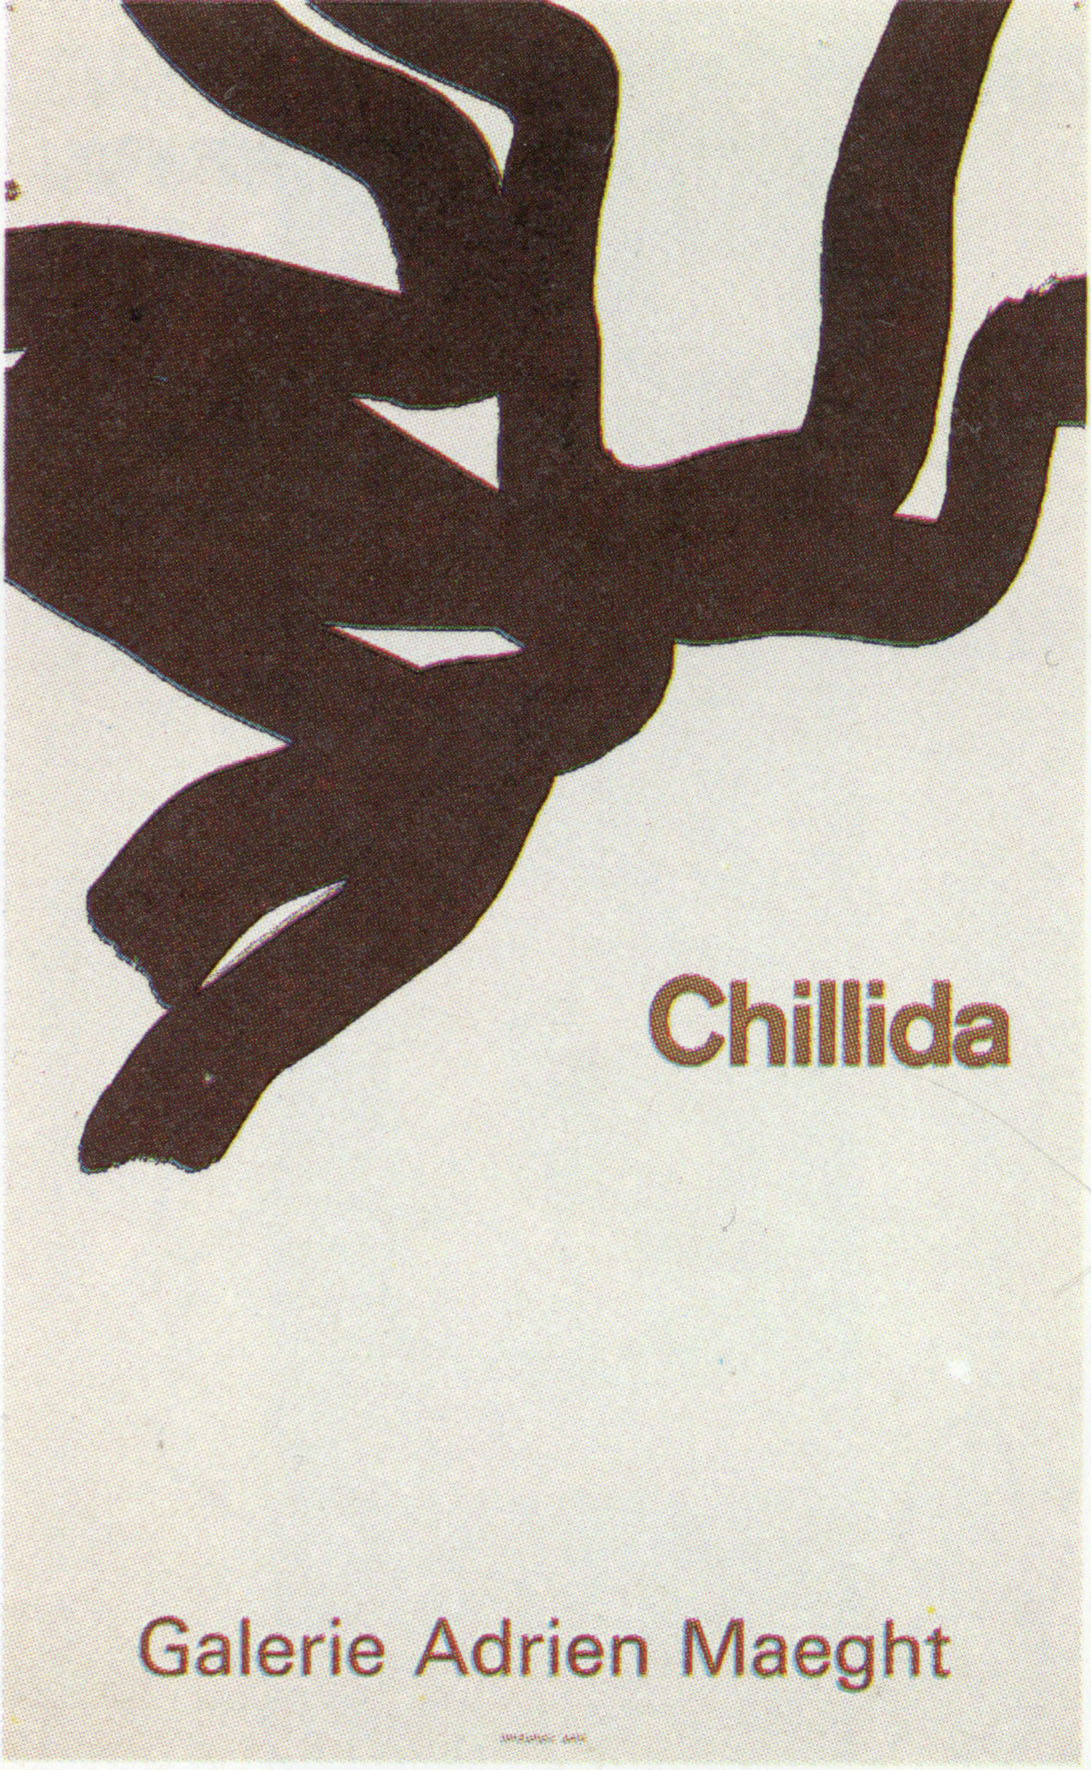 エドゥアルド・チリーダ ポスター2/Eduardo Chillida